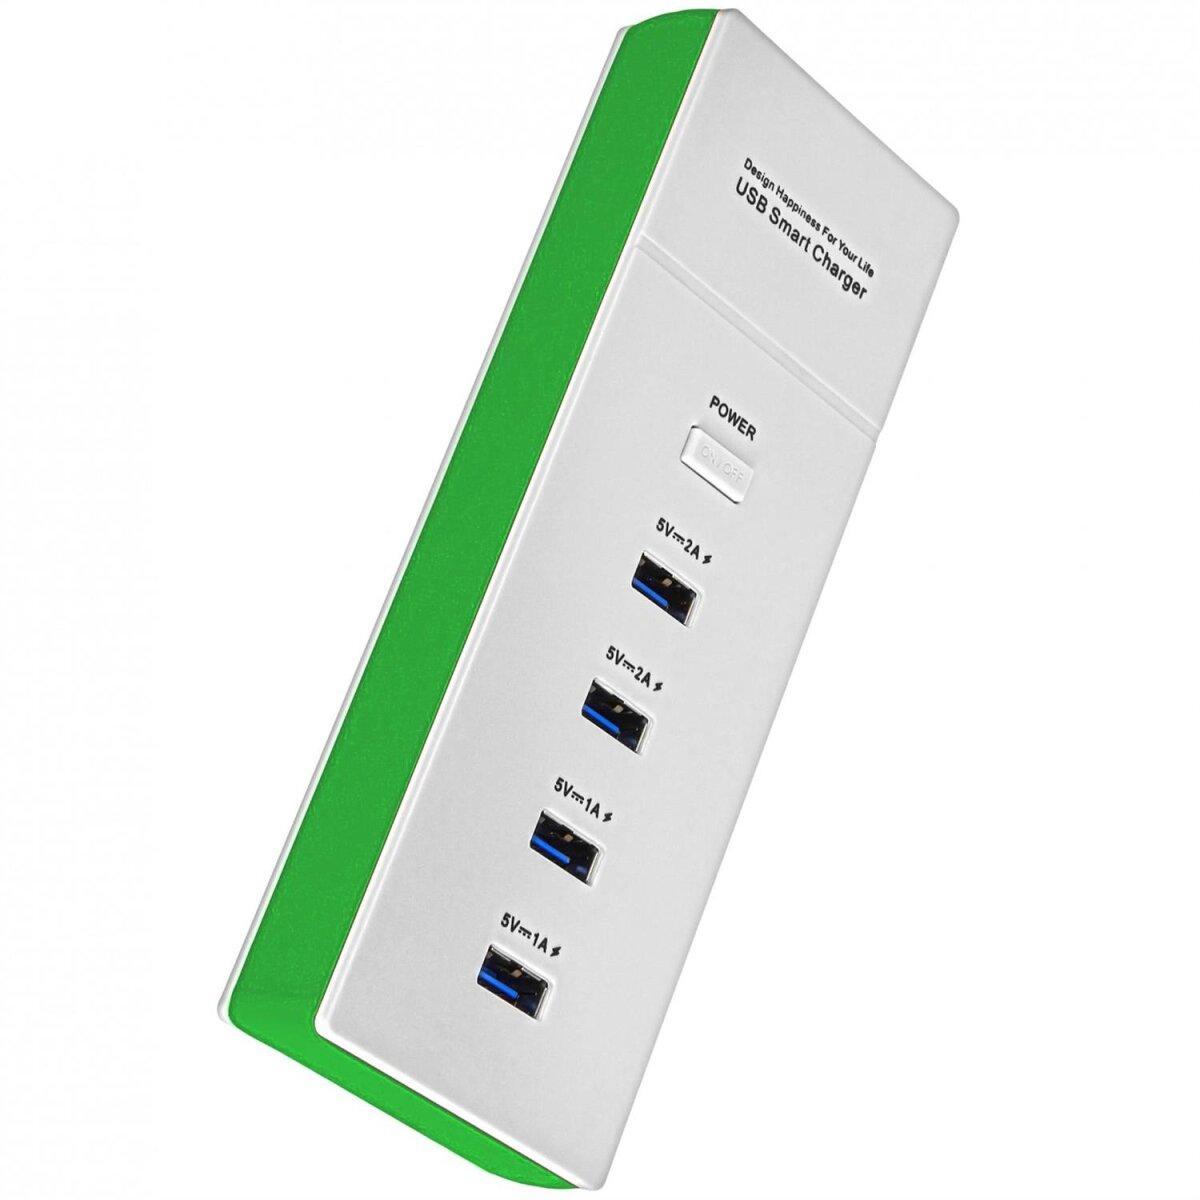 4 Fach USB Ladegerät / Leiste SP-880 Grün